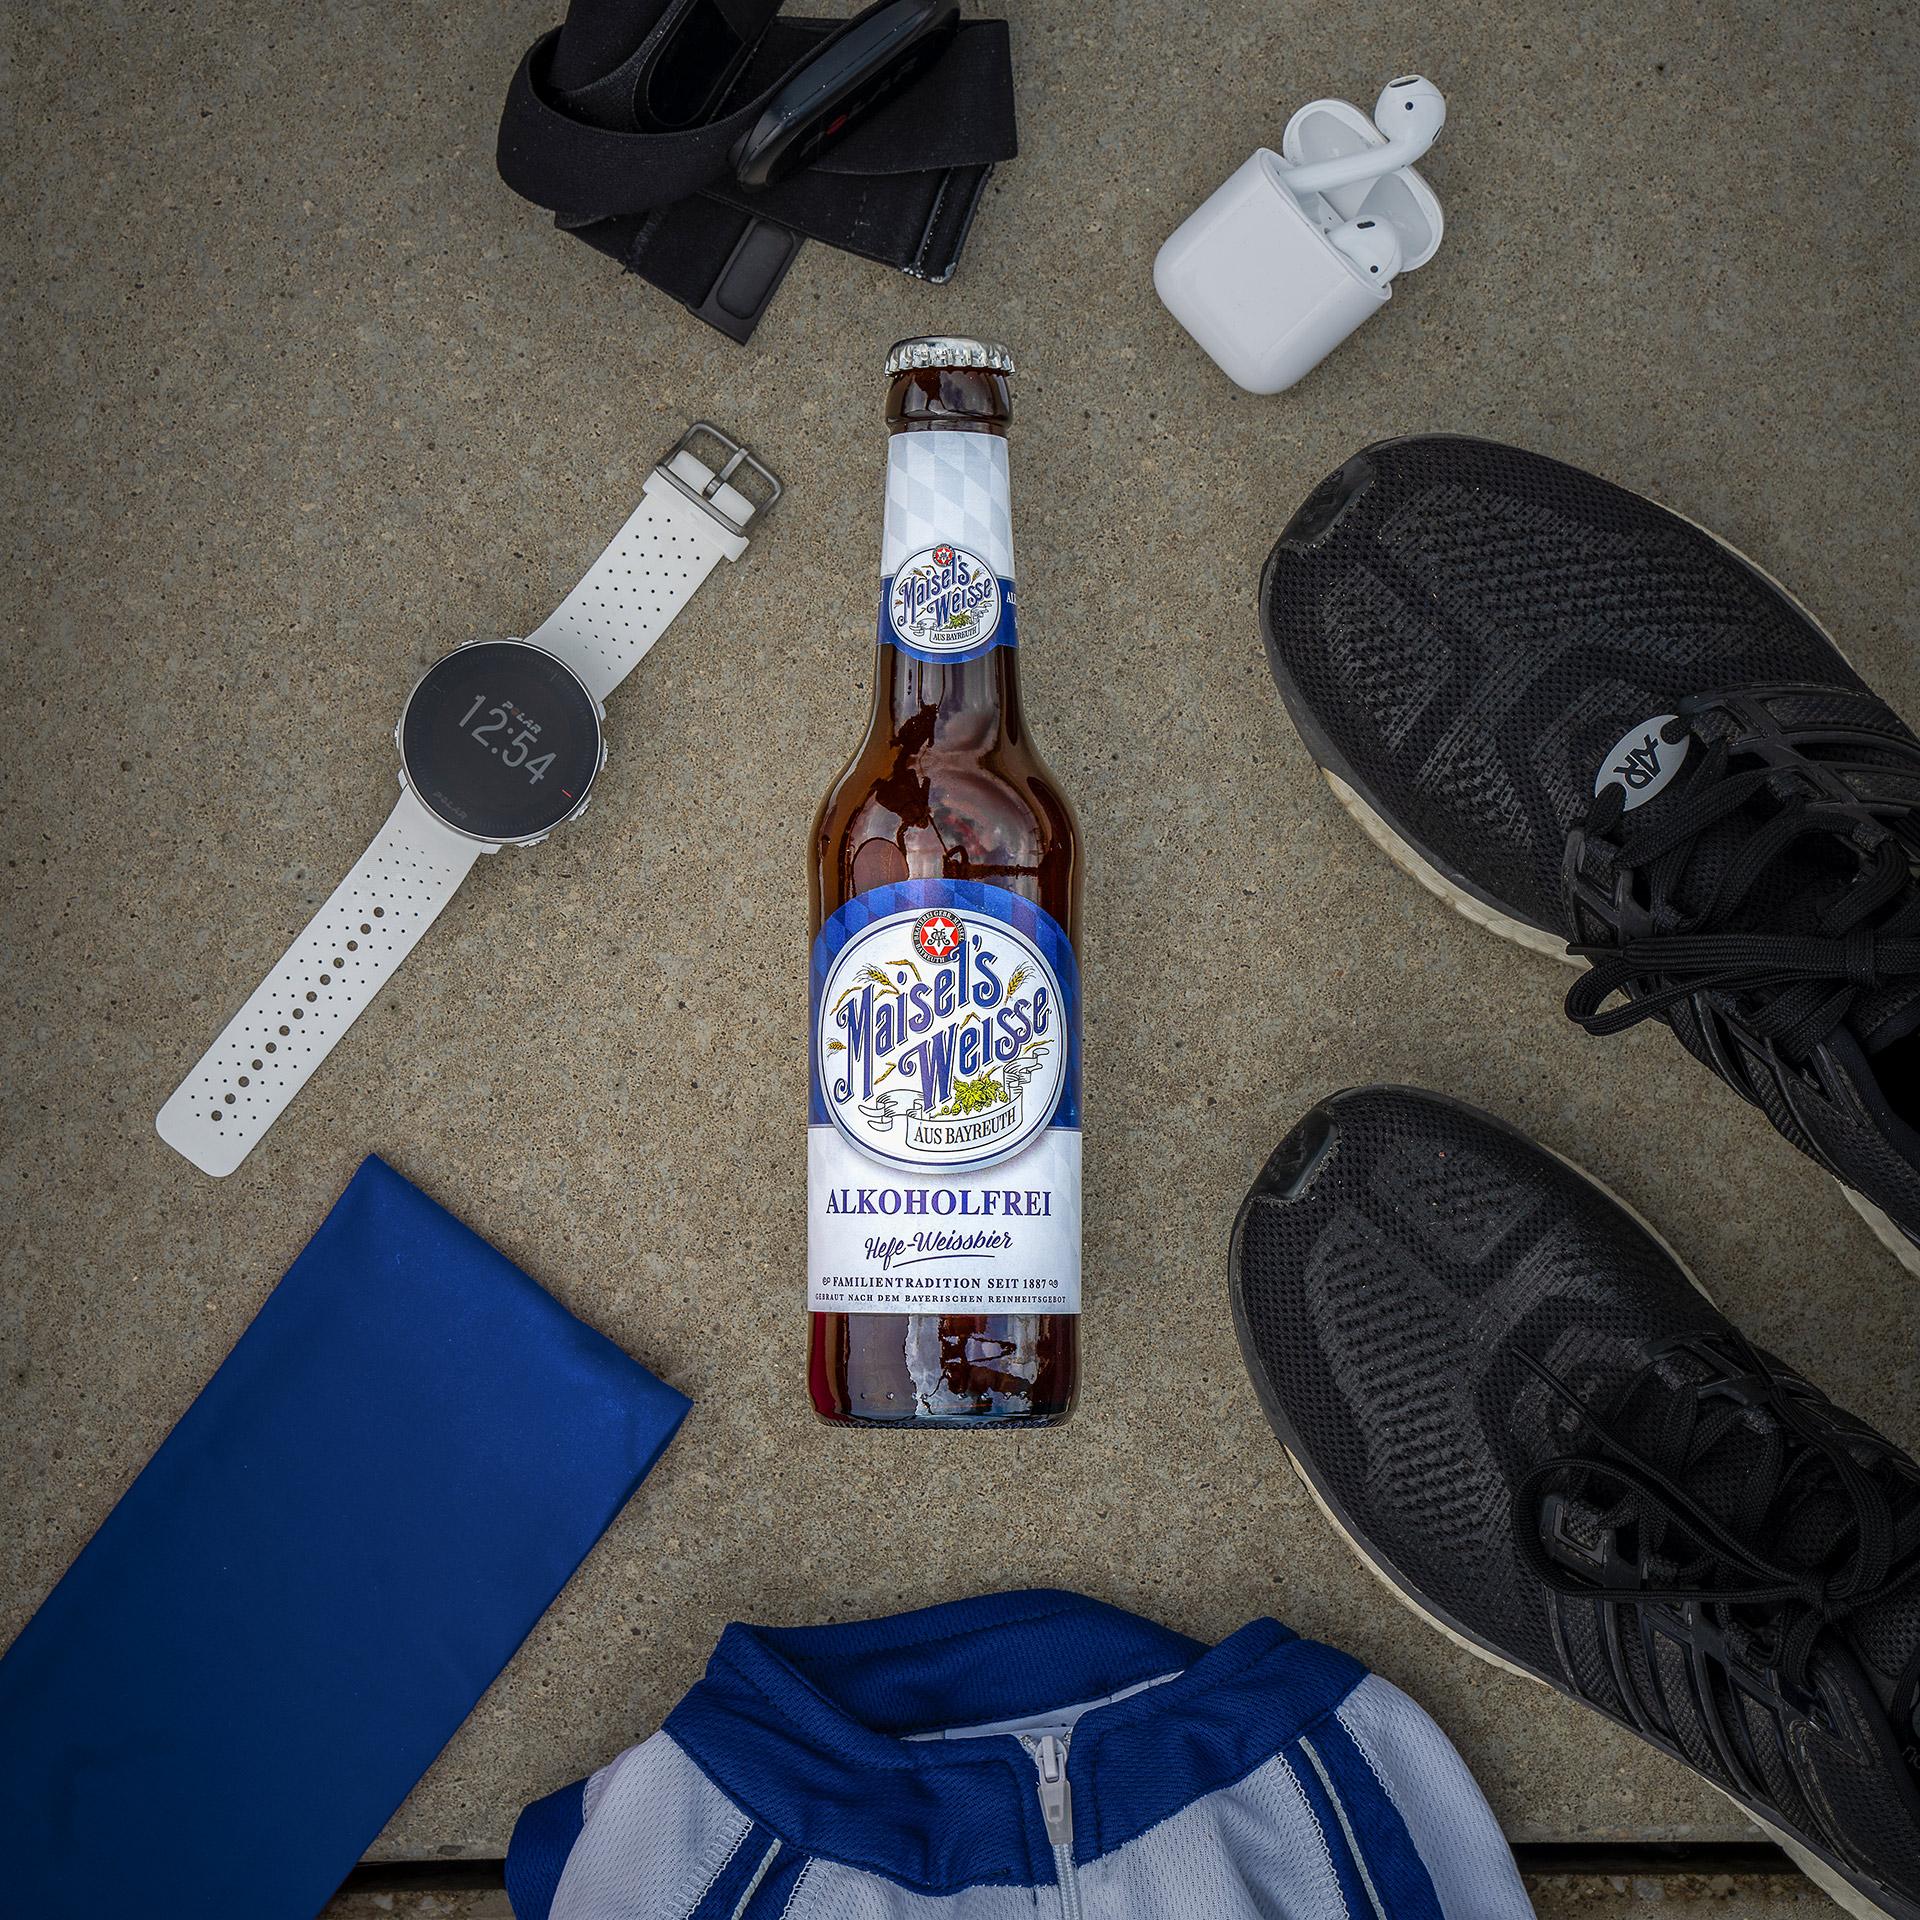 Laufutensilien mit Maisel's Weisse Akoholfrei Flasche